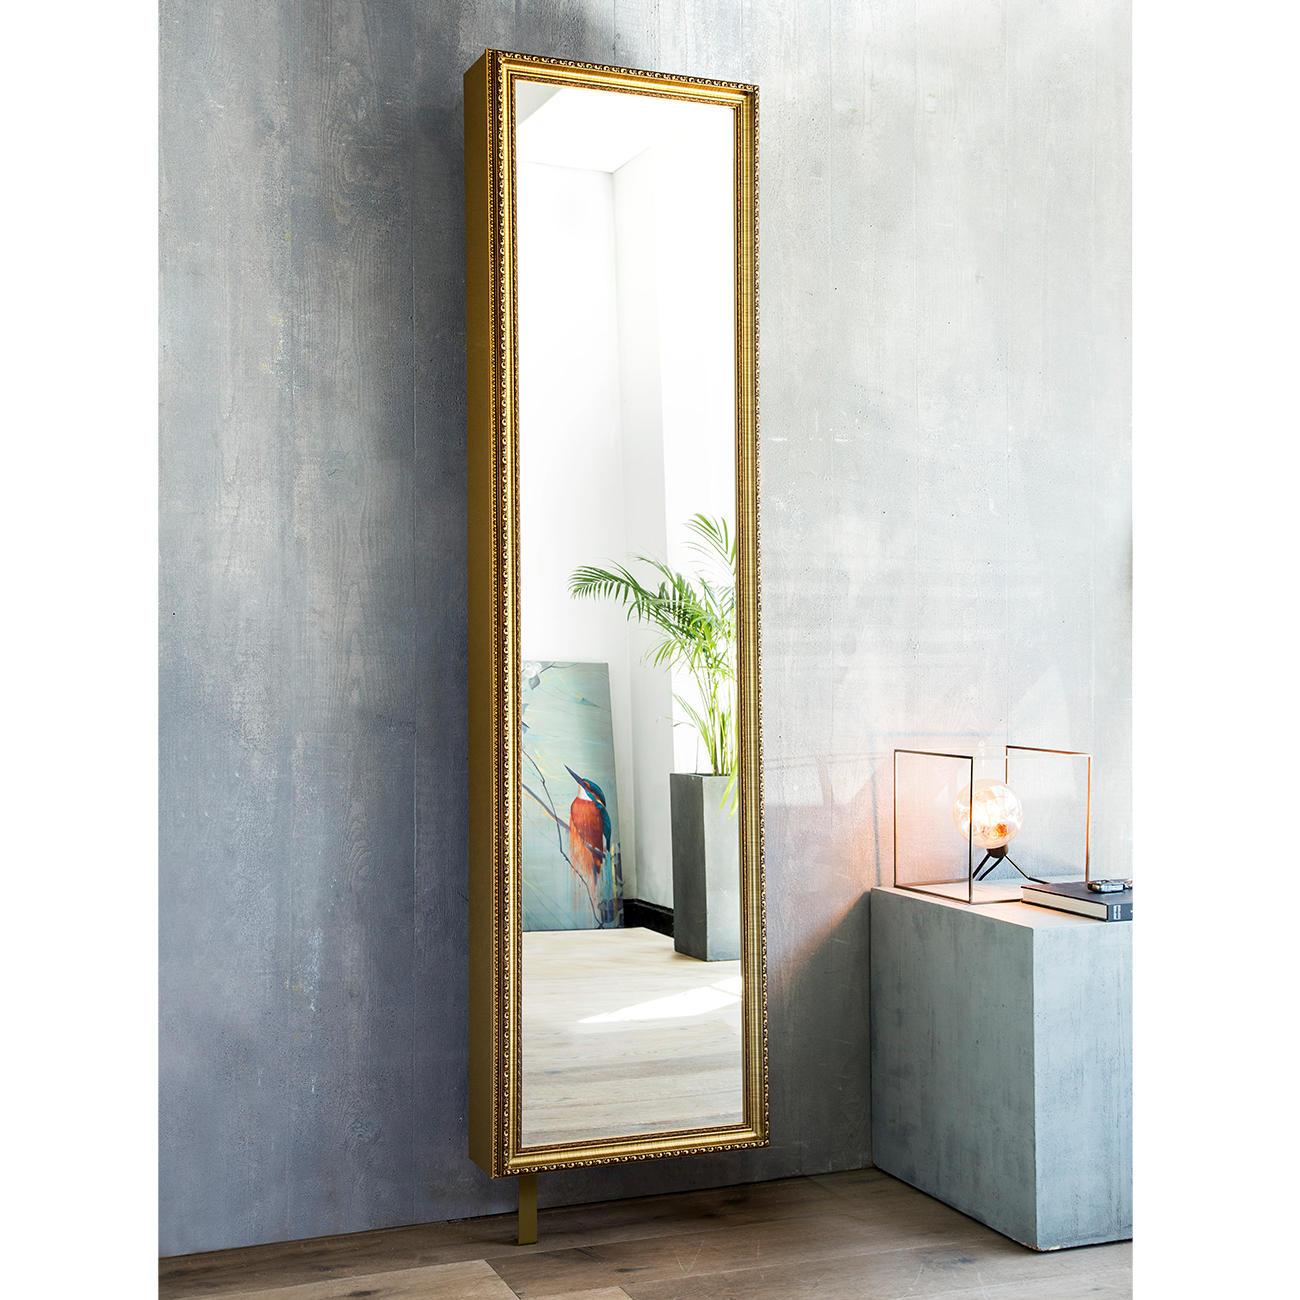 Spiegel-Drehschrank Barock, Gold – mit 3 Jahren Garantie